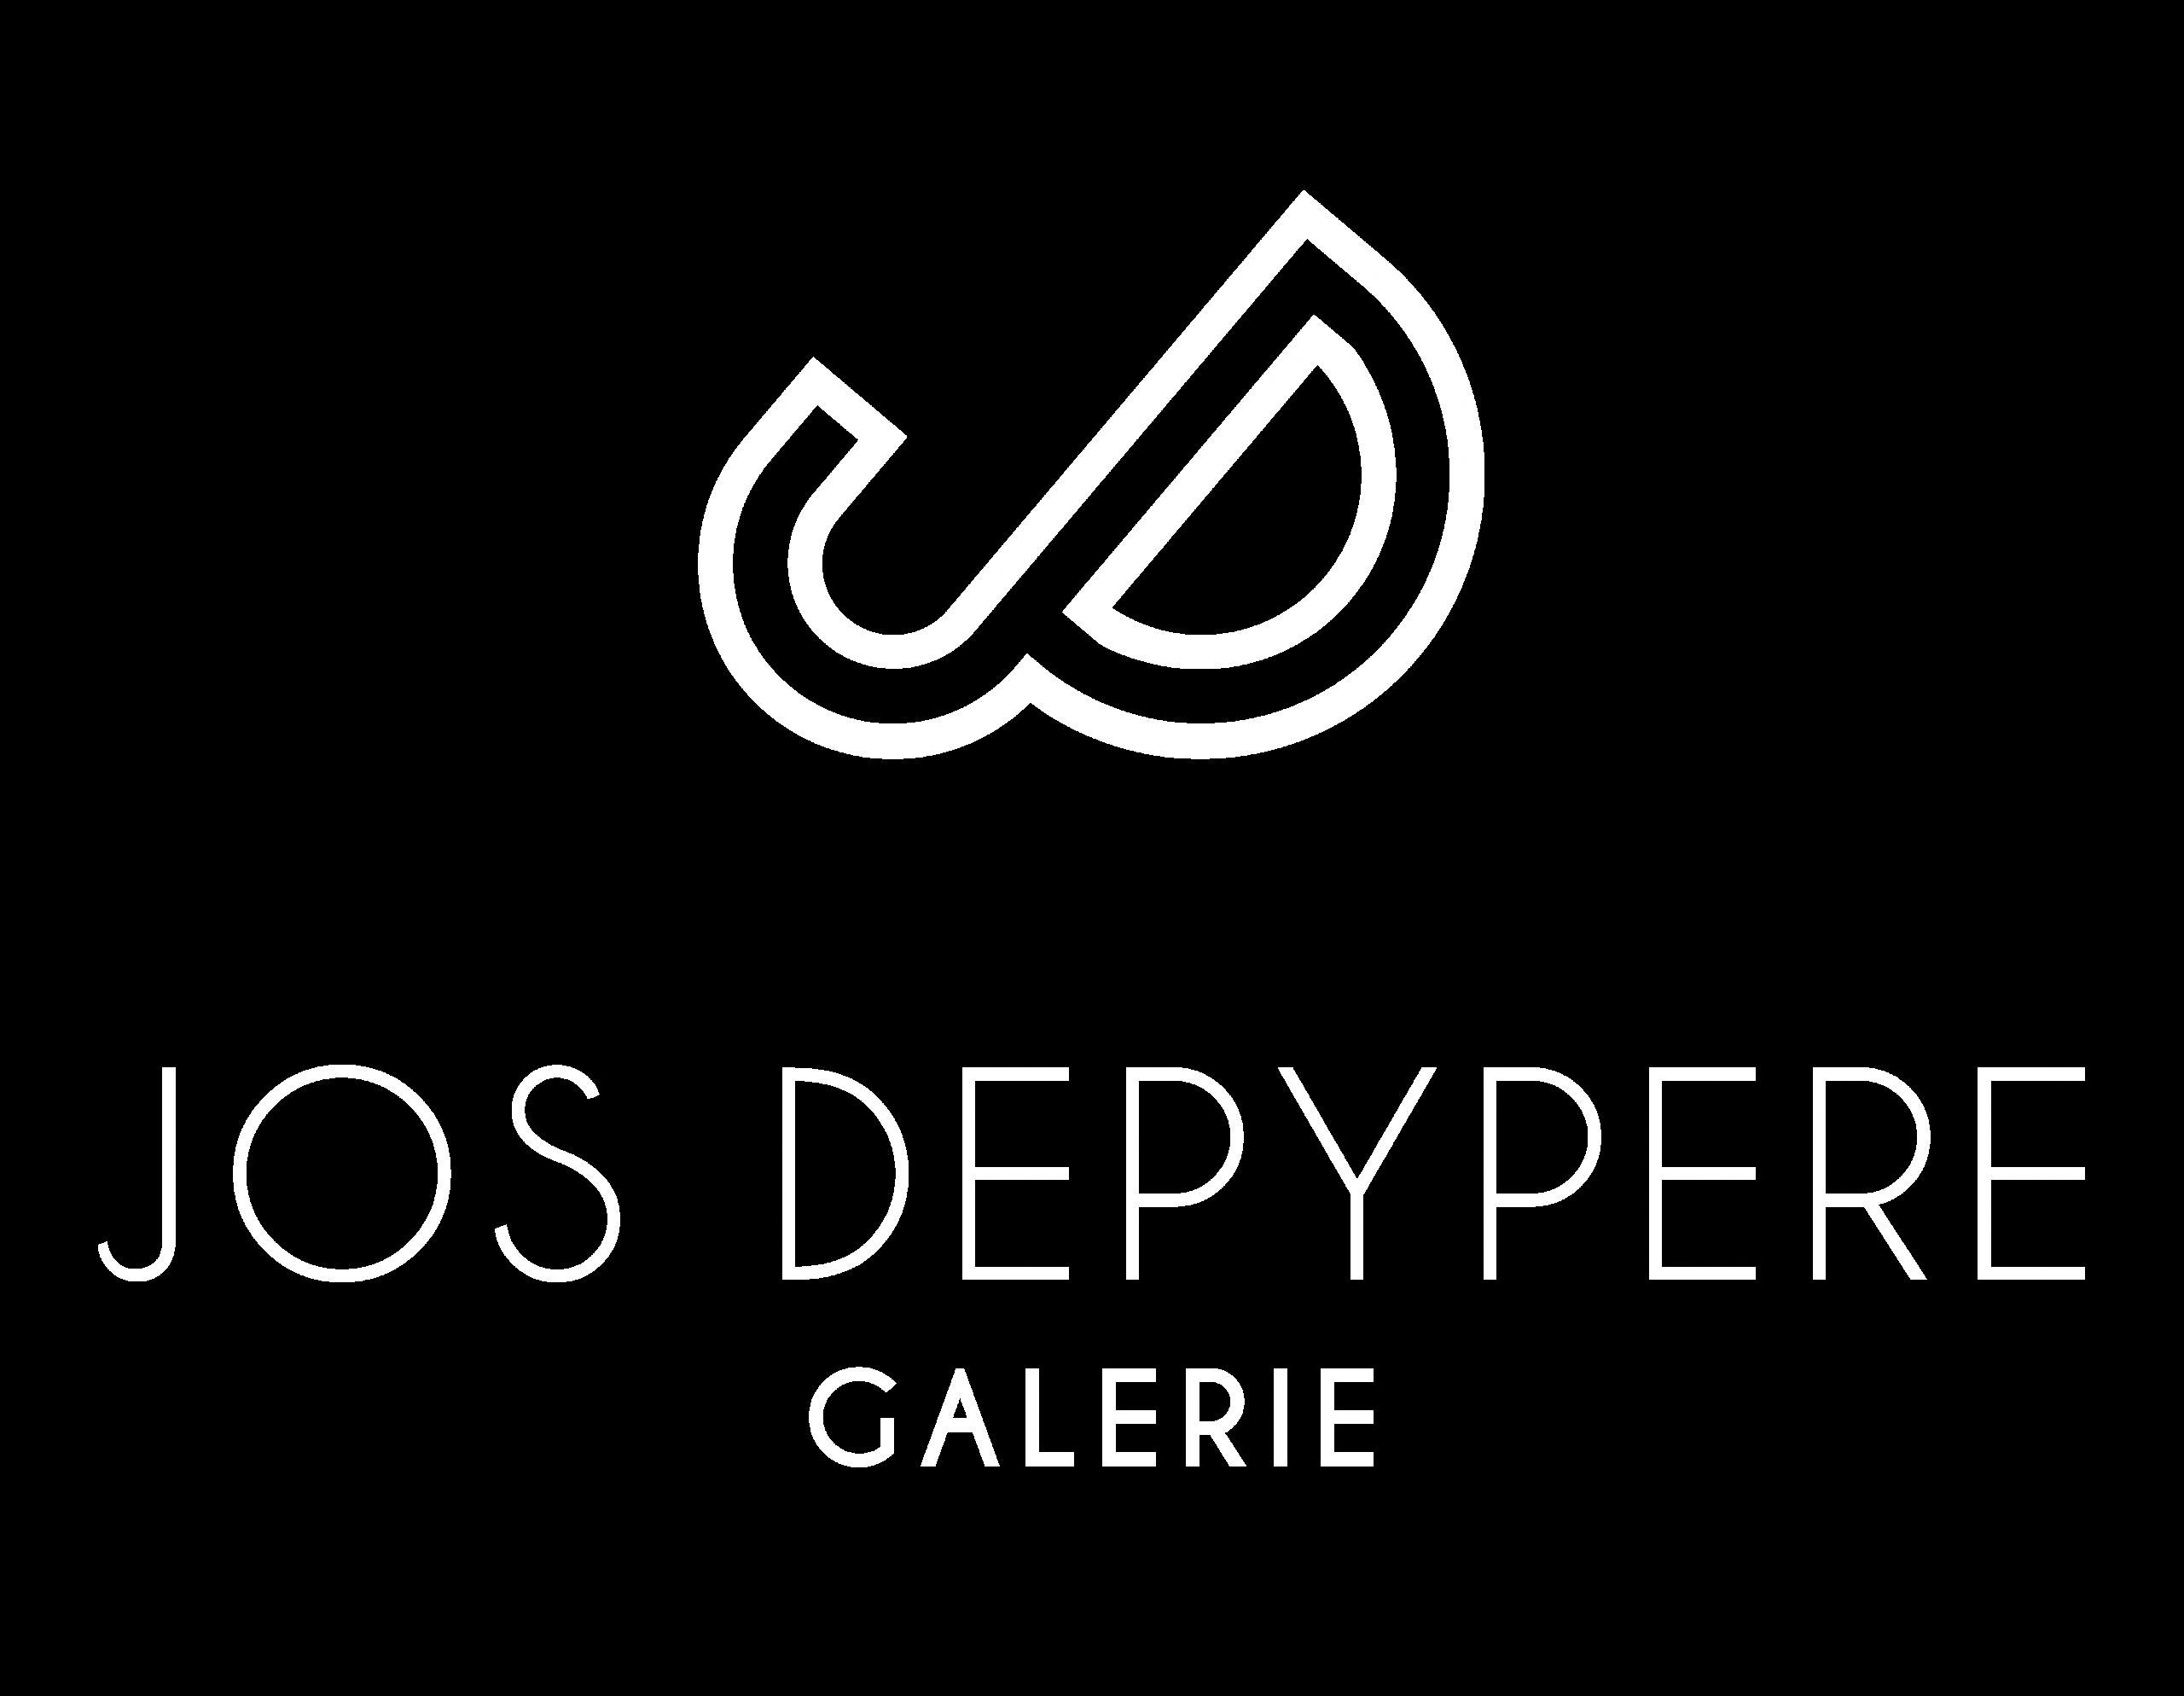 Galerie Jos Depypere